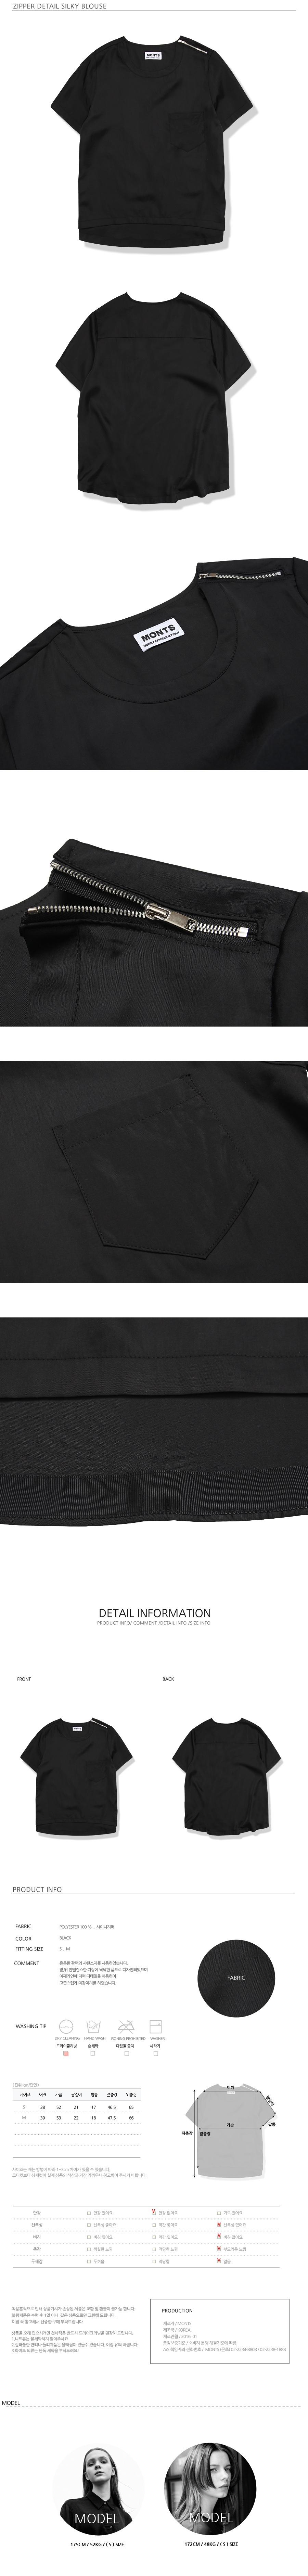 몬츠(MONTS) monts084 zipper detail silky blouse